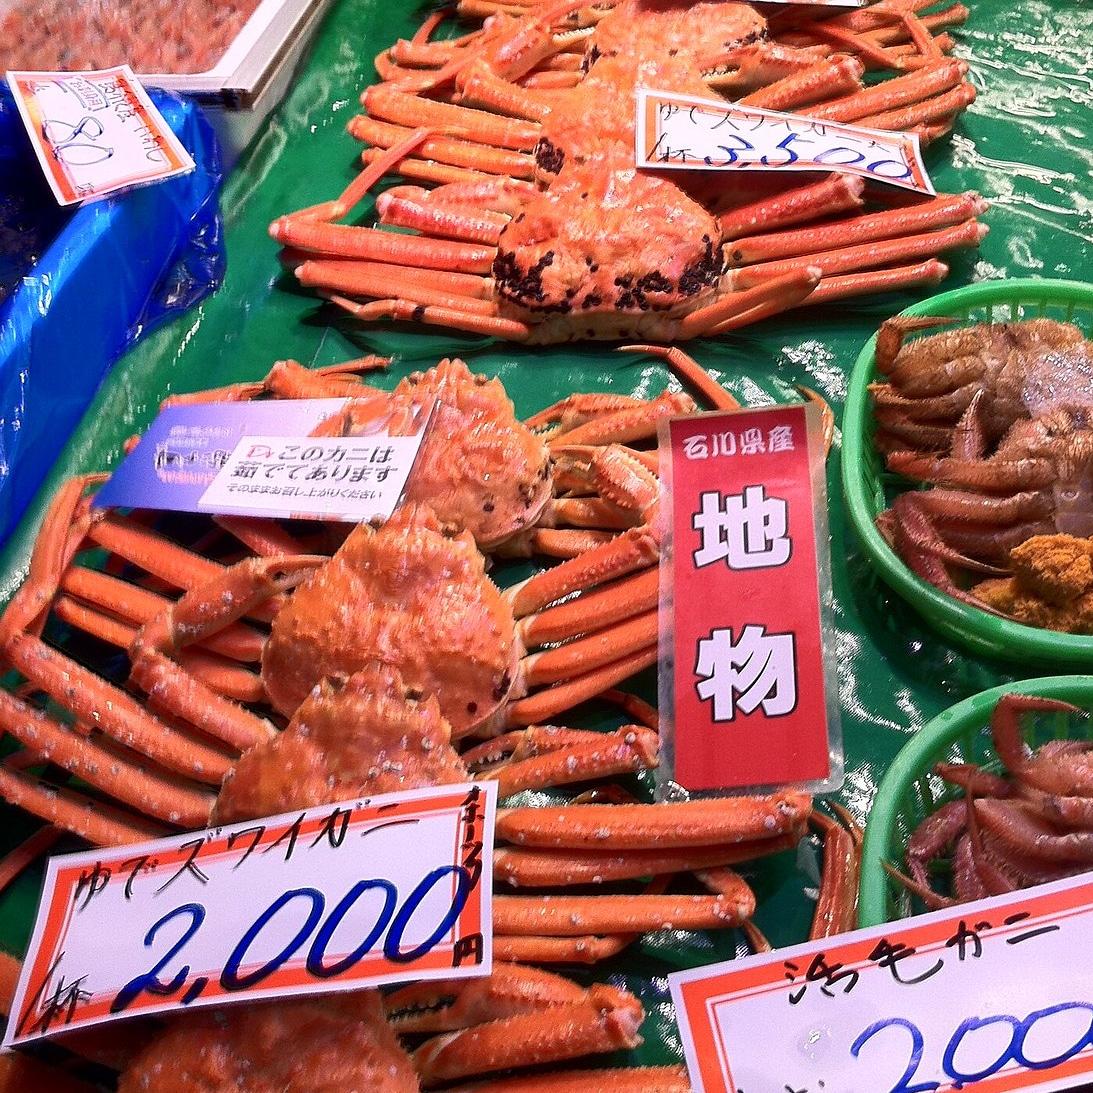 Seafood from Kanazawa fishmarket